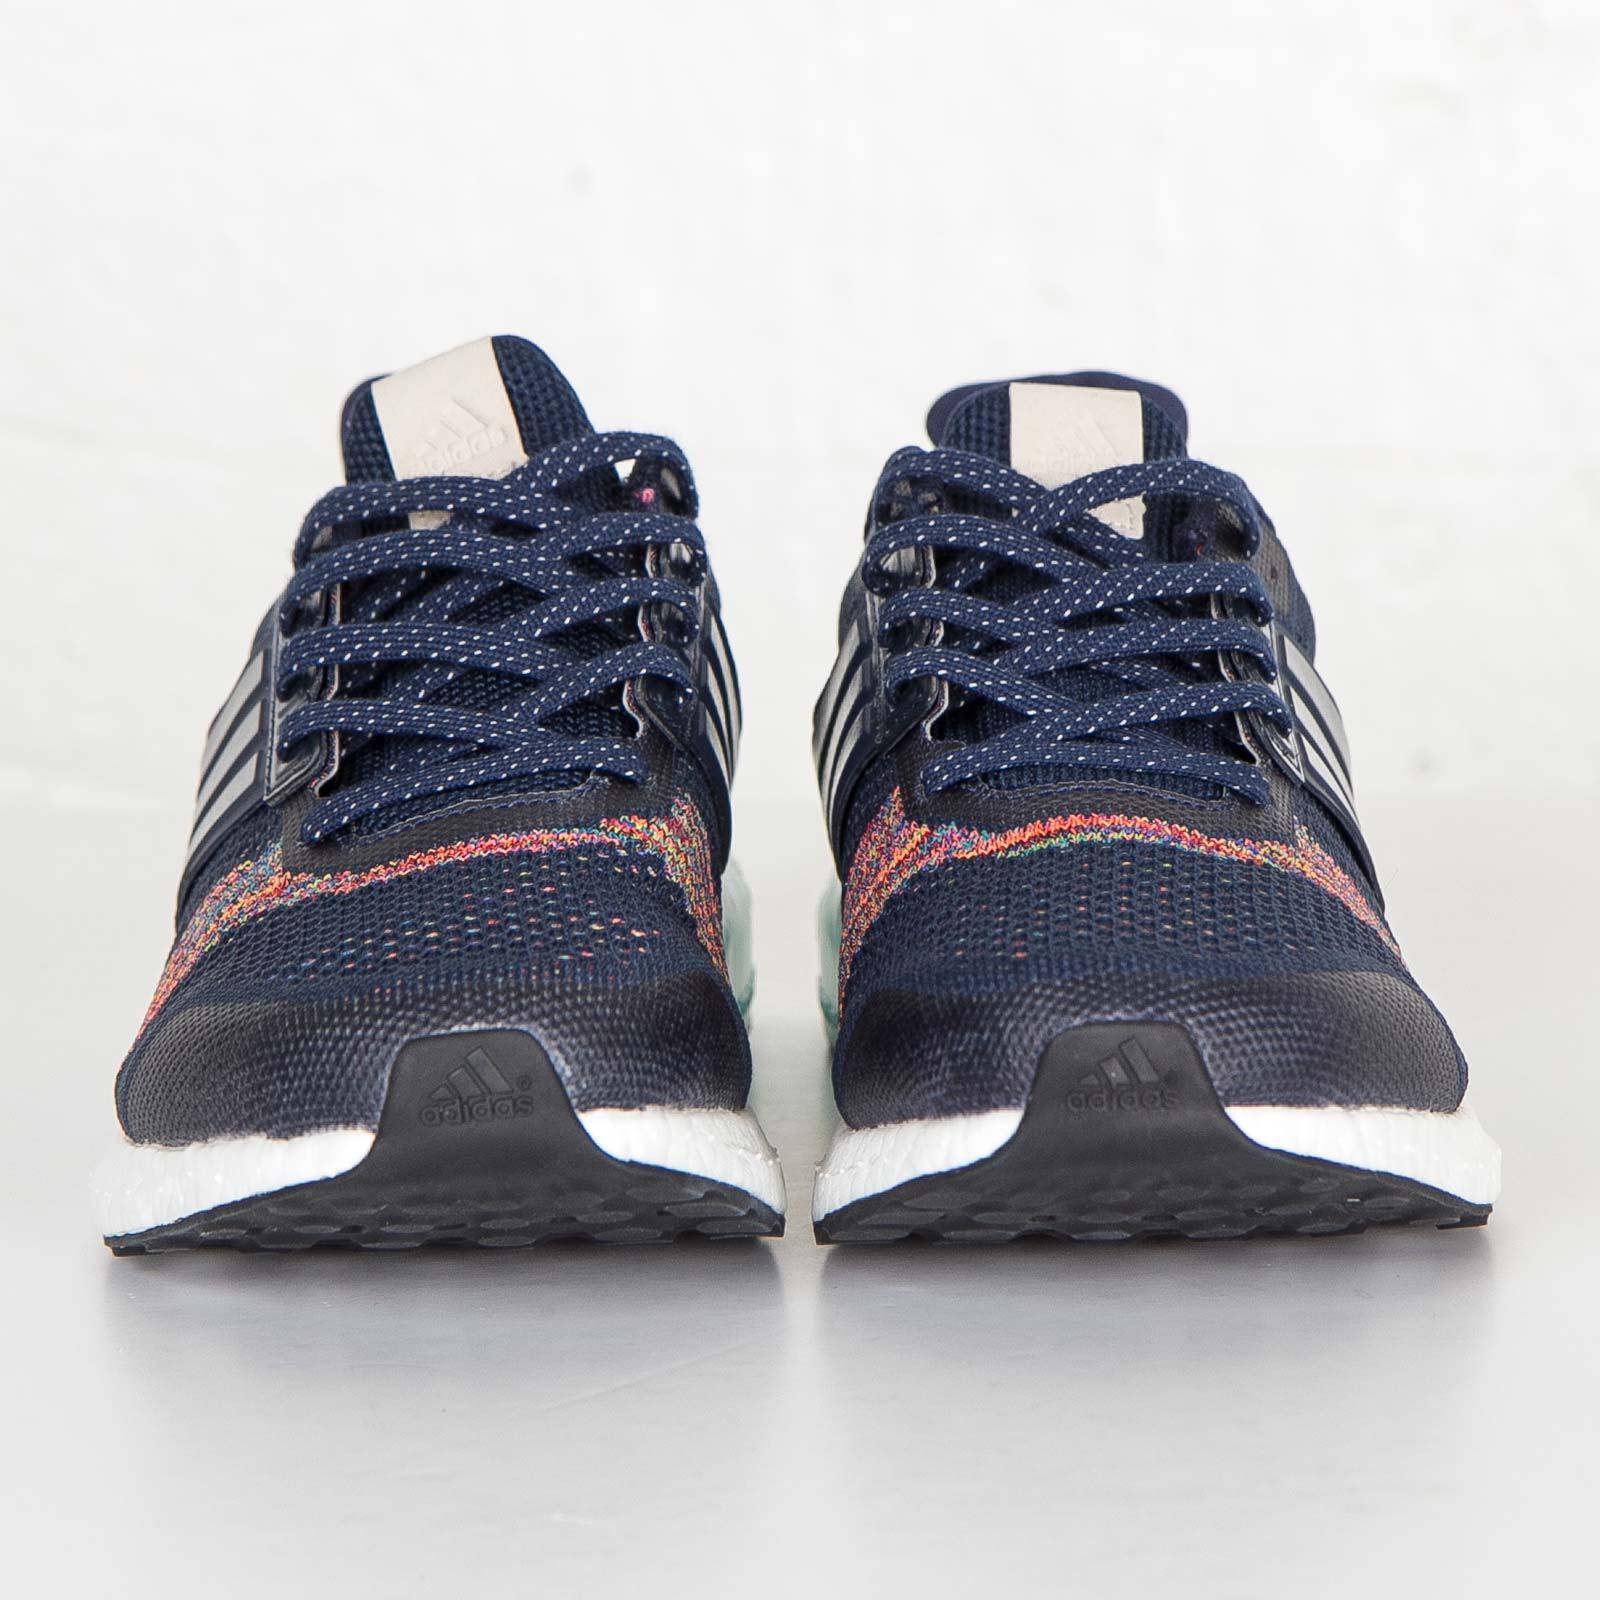 986b70dac adidas Ultra Boost ST Ltd - Aq5557 - Sneakersnstuff